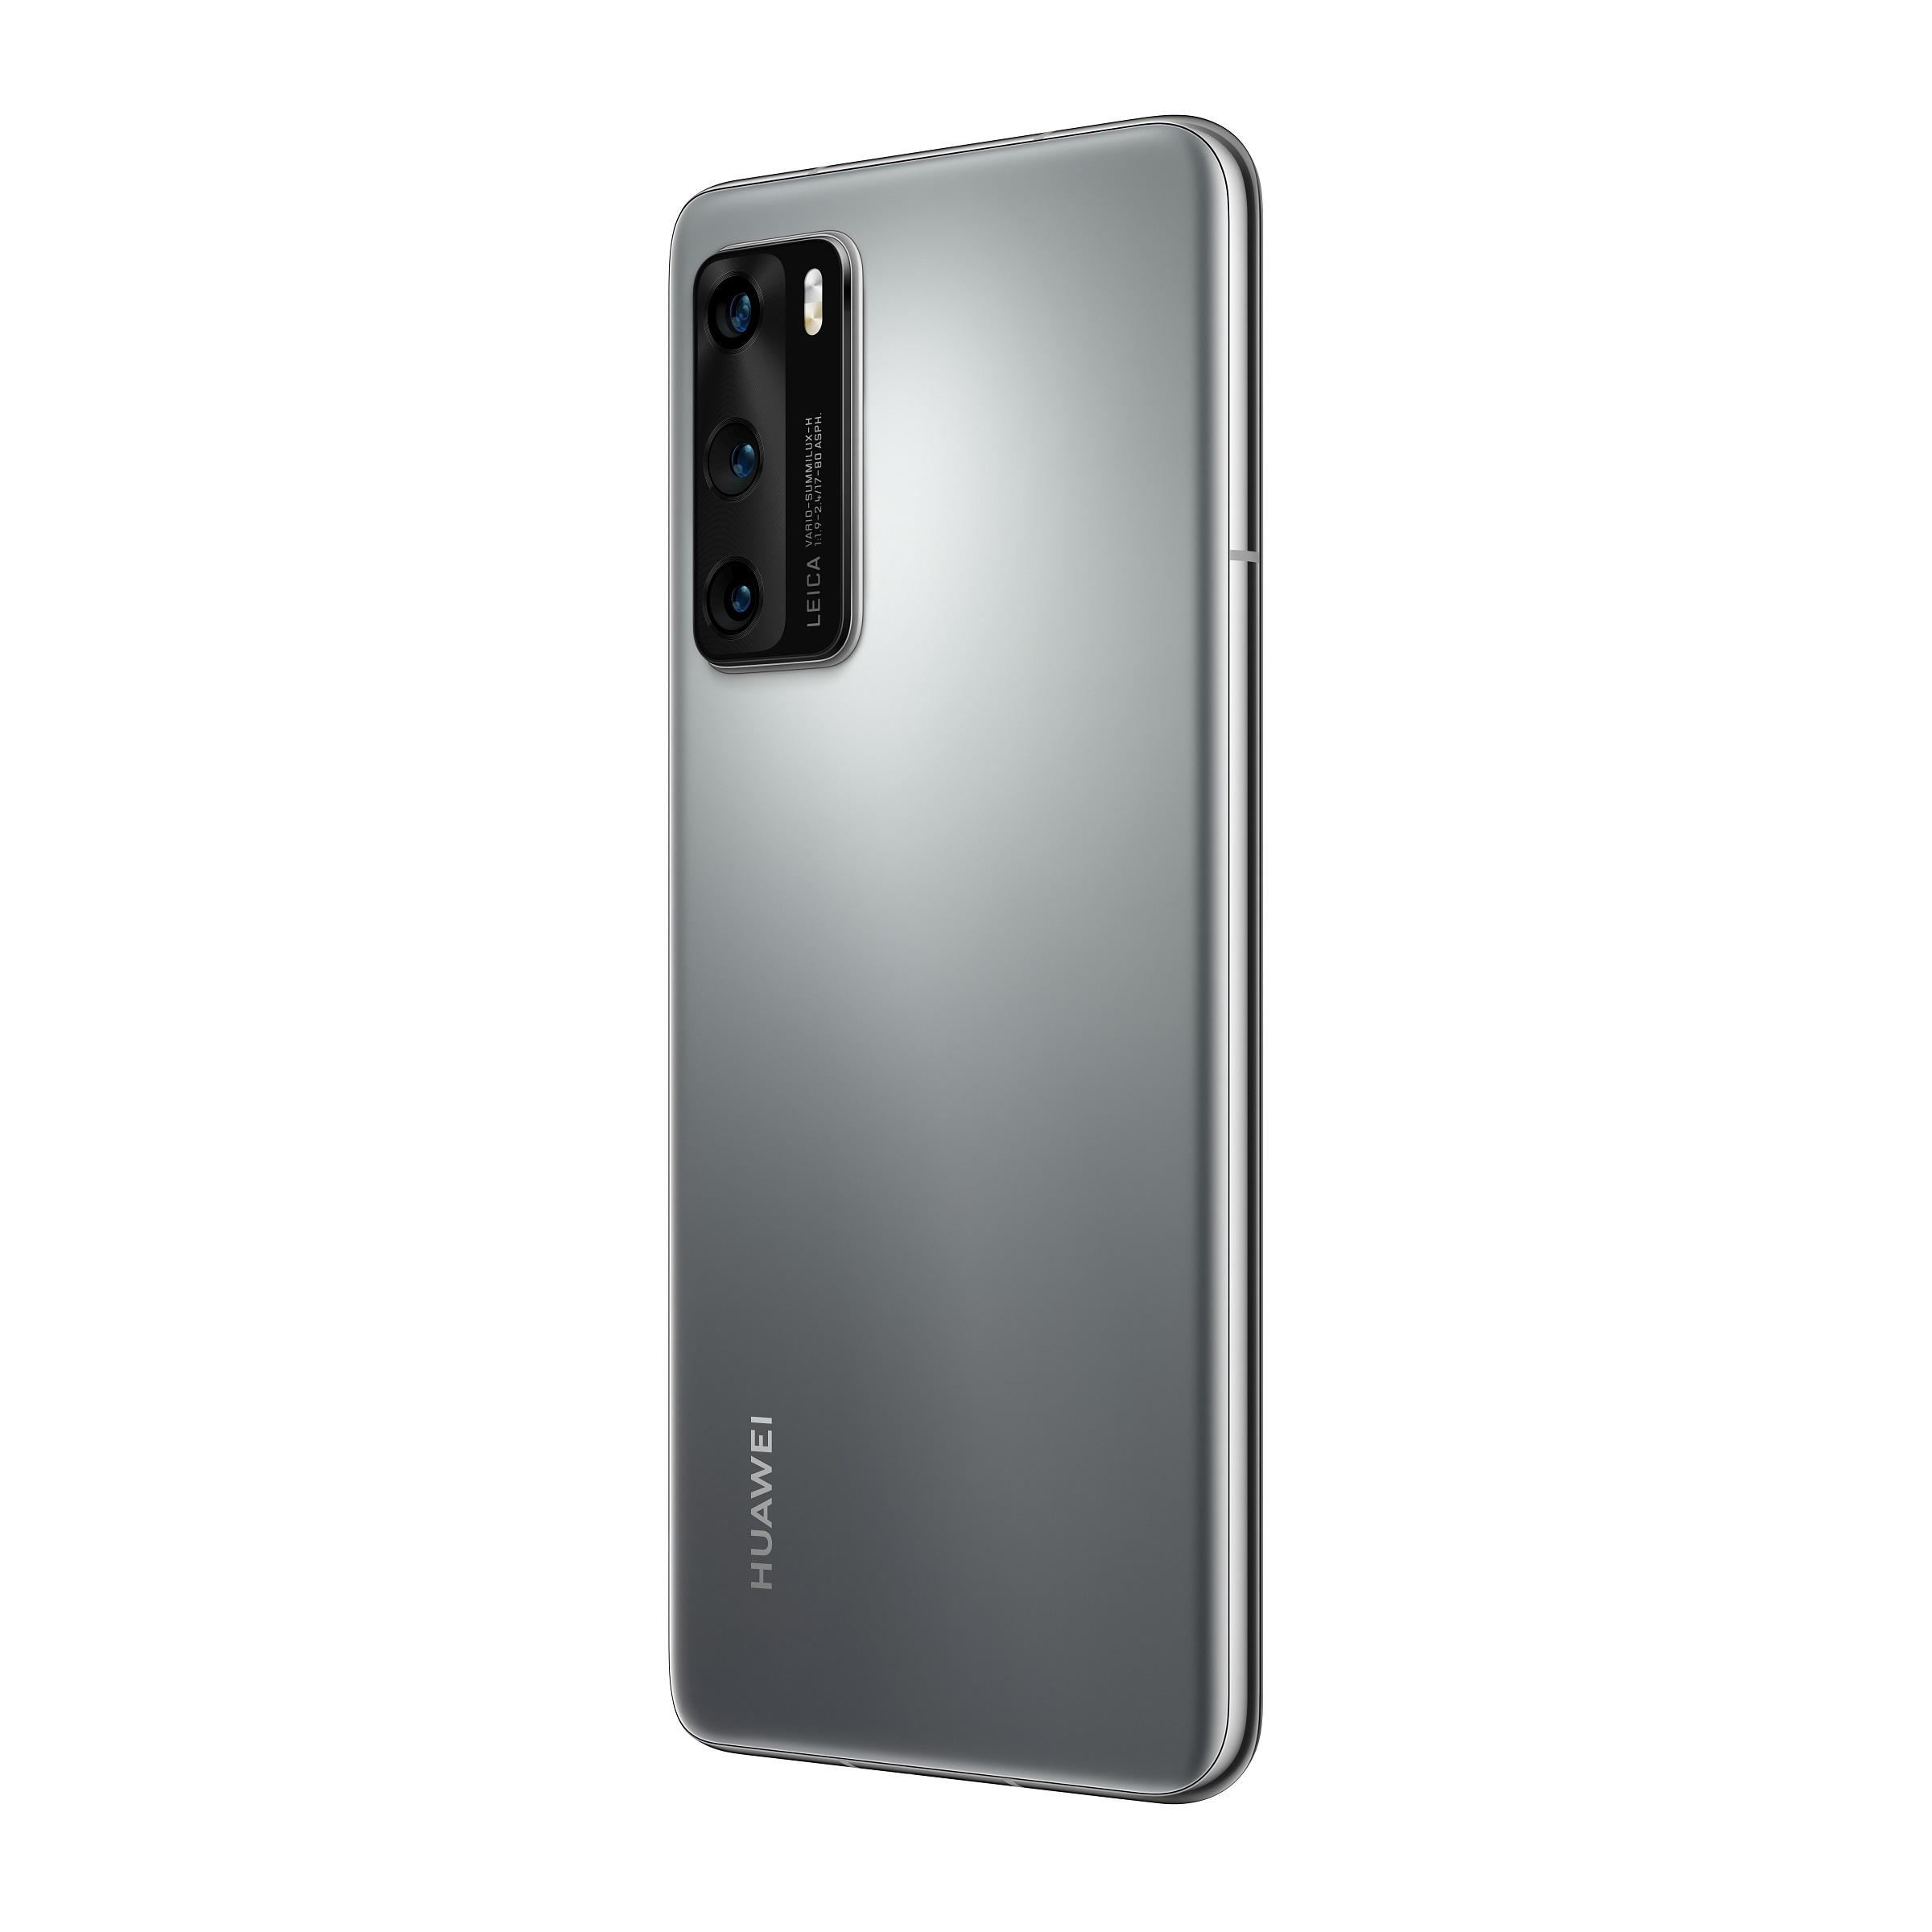 premiera Huawei P40 Pro cena plotki przecieki wycieki specyfikacja dane techniczne